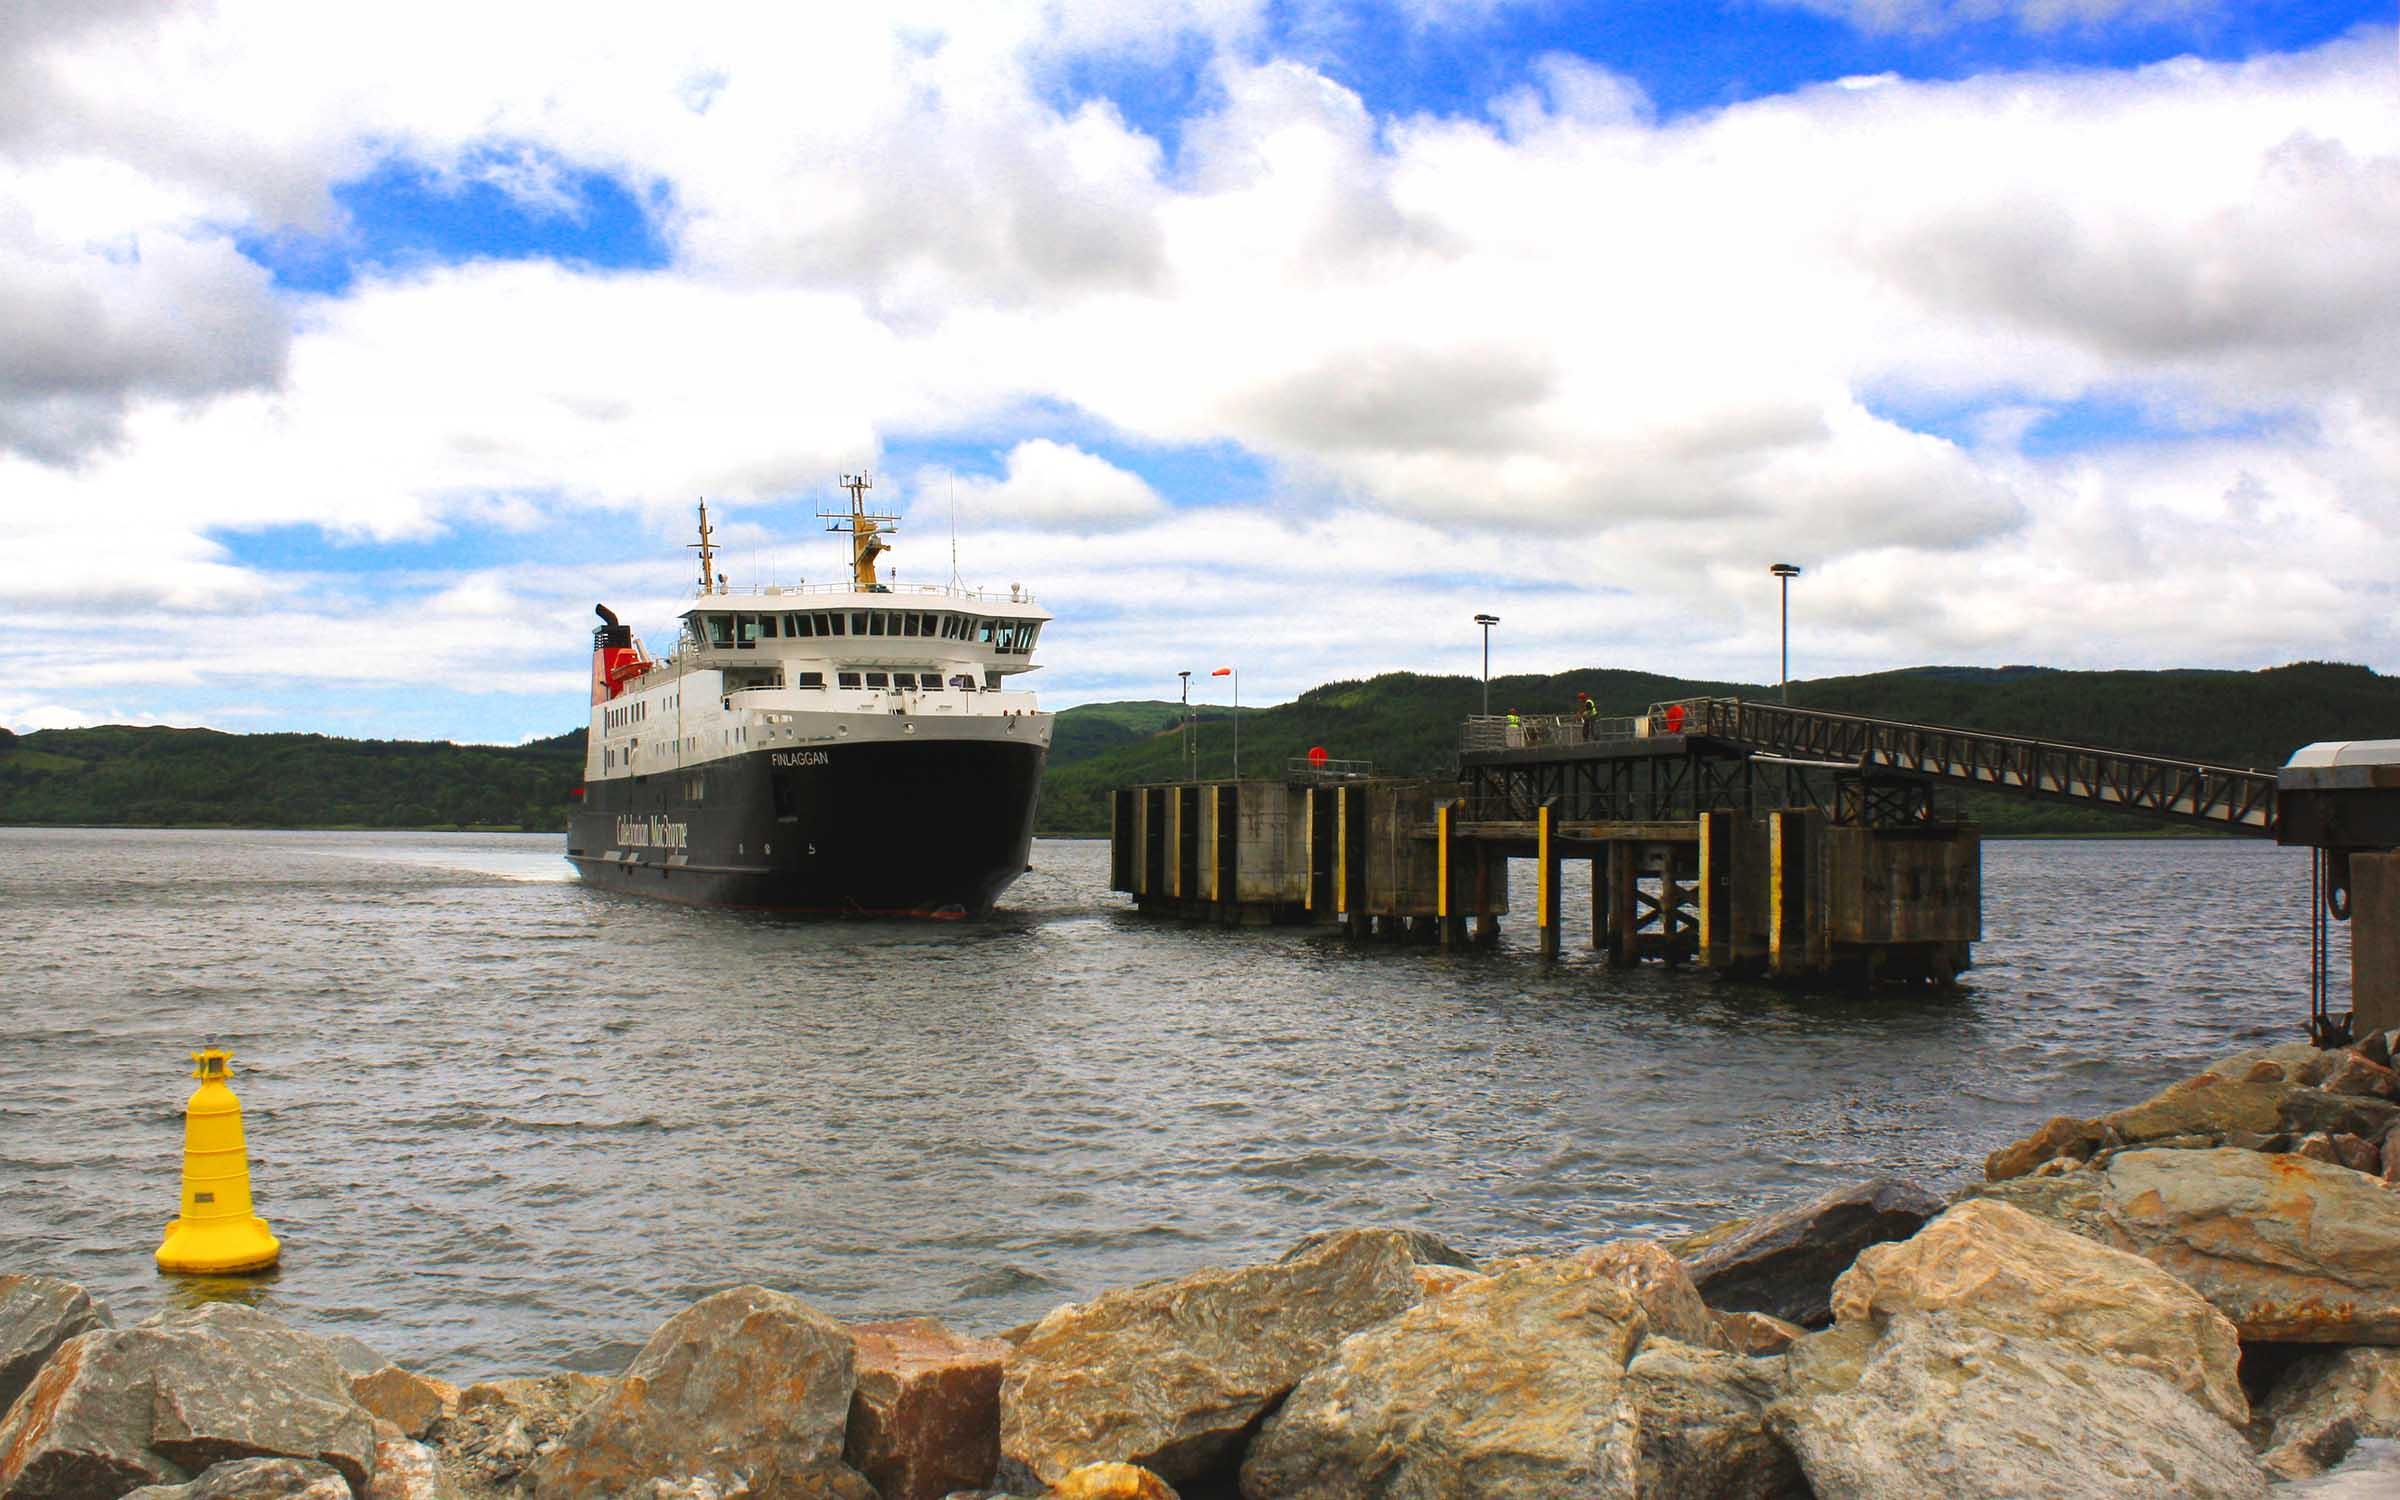 Finlaggan arriving at Kennacraig (Ships of CalMac)